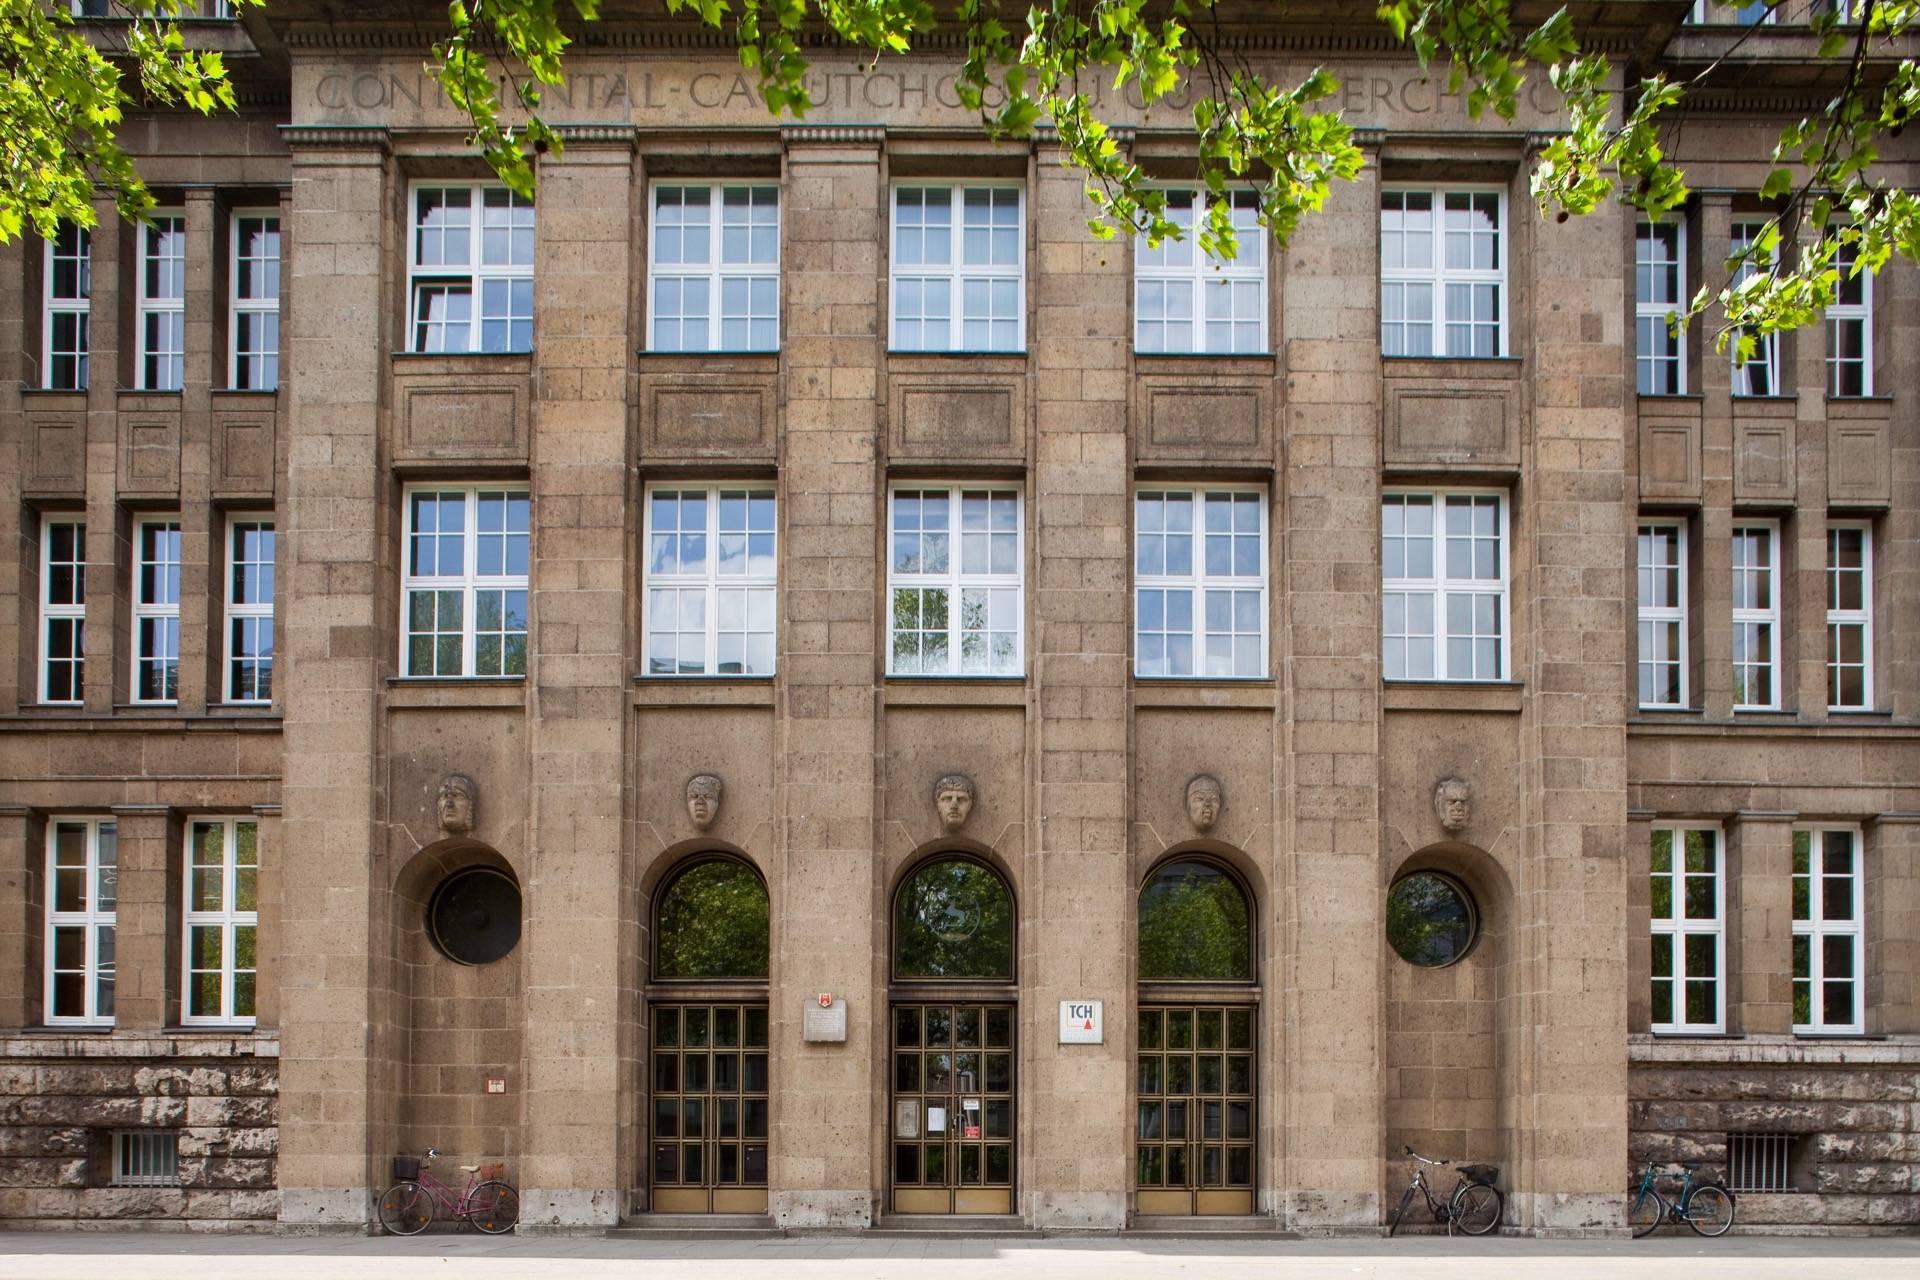 hanova_gewerbeimmobilien-Haus-der-Wirtschaftsfoeerderung Faszinierend Haus Am See Garbsen Dekorationen